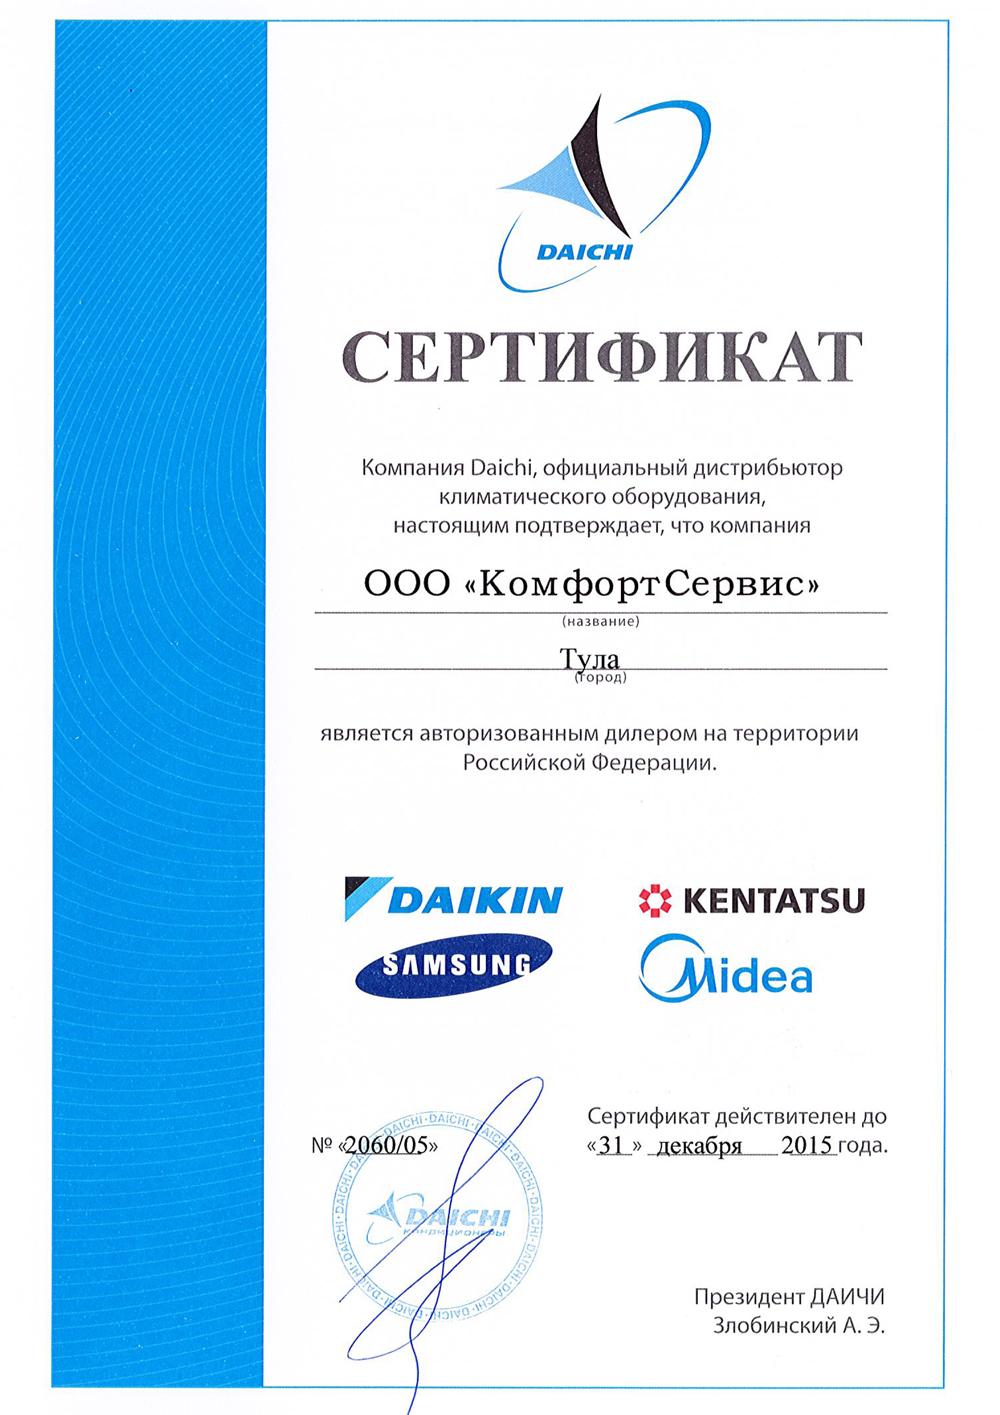 Мы авторизованный дилер по поставке кондиционеров DAIKIN, KENTATSU, MIDEA, SAMSUNG